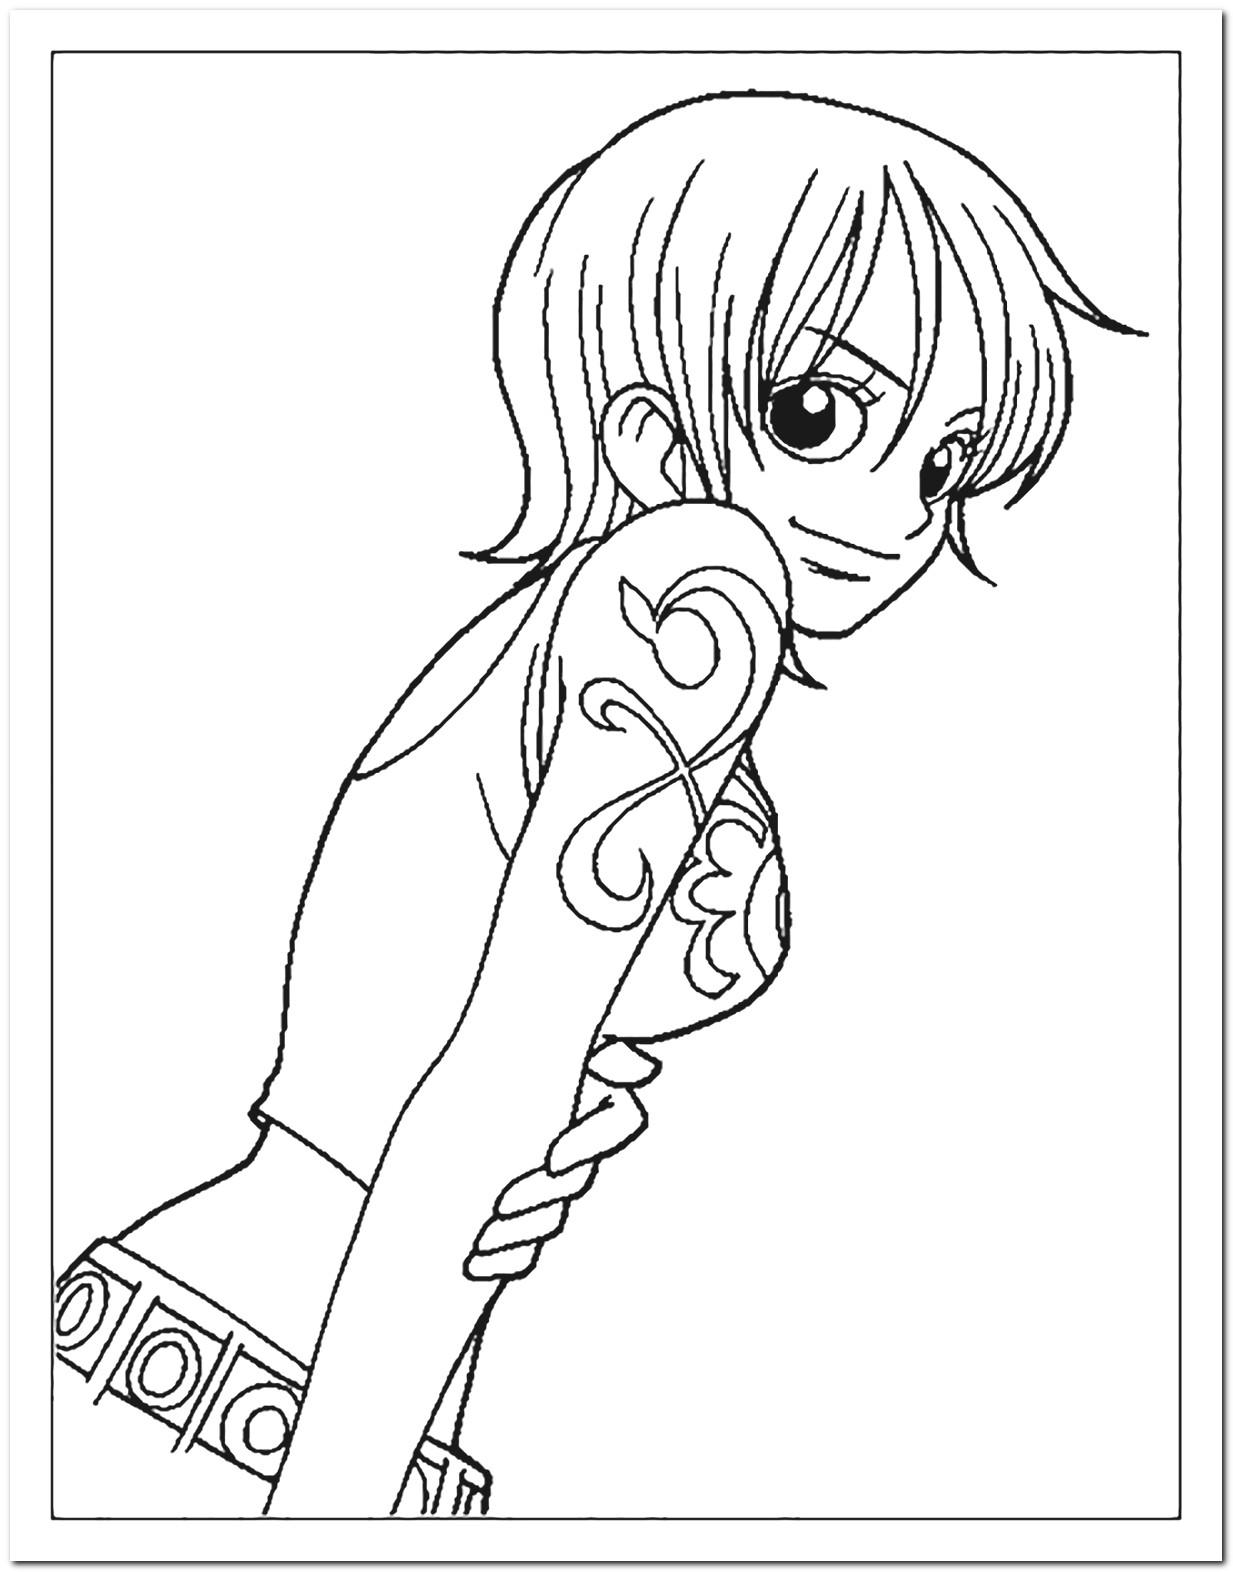 Hinh-to-mau-anime-dep-nhat (28)